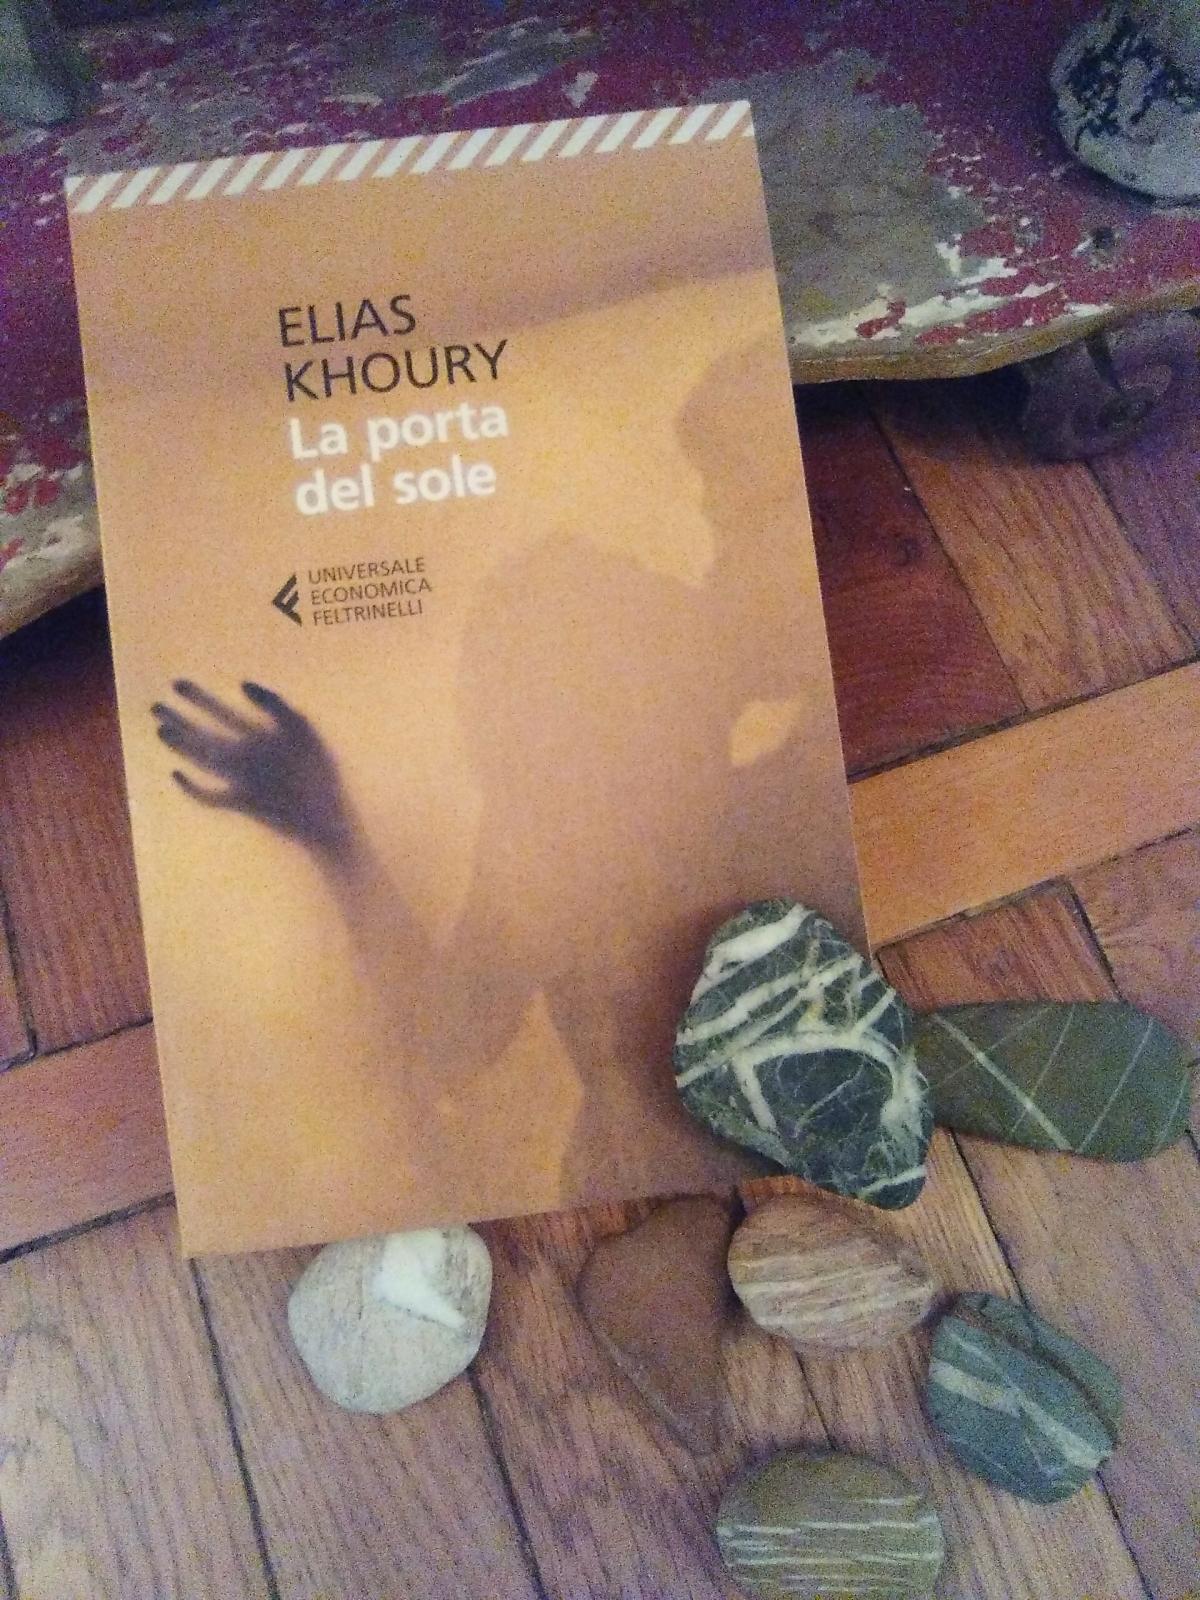 """Elias Khoury, La porta del sole. """"Cammino, cammino,cammino"""""""